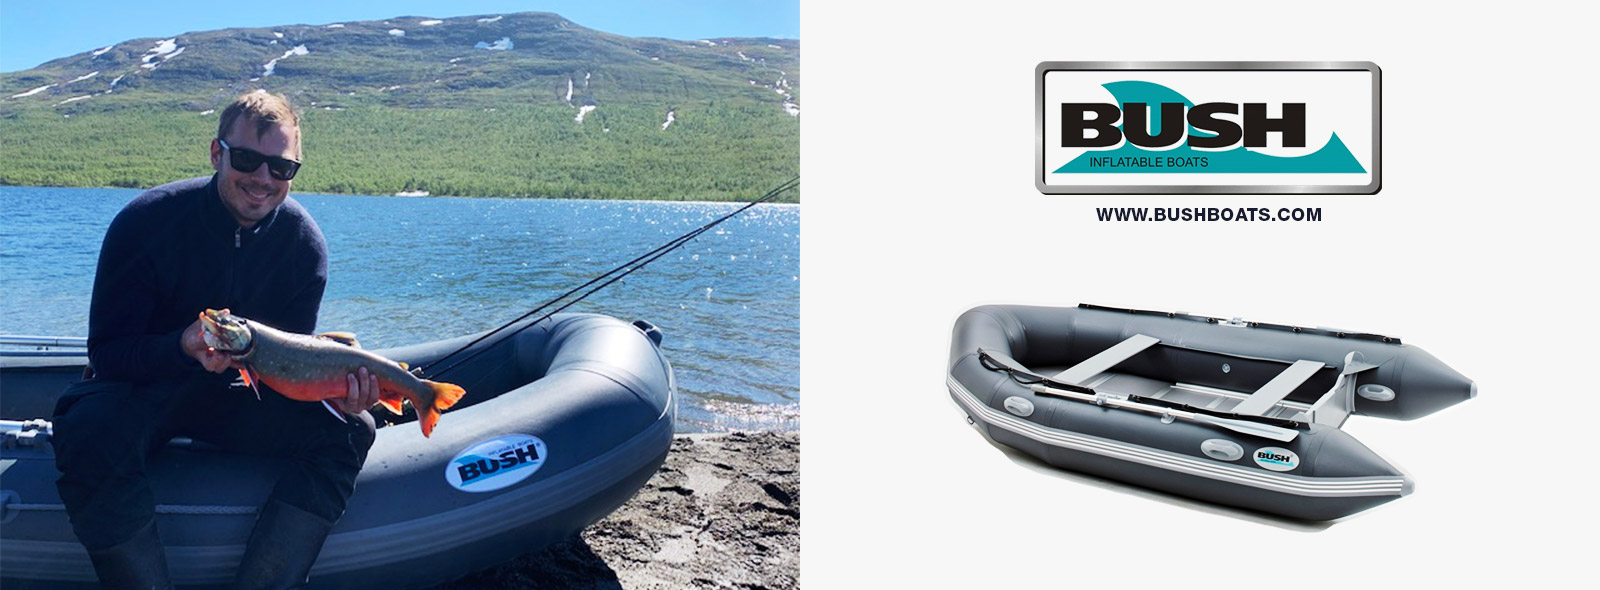 Bush boats återförsäljare Sverige